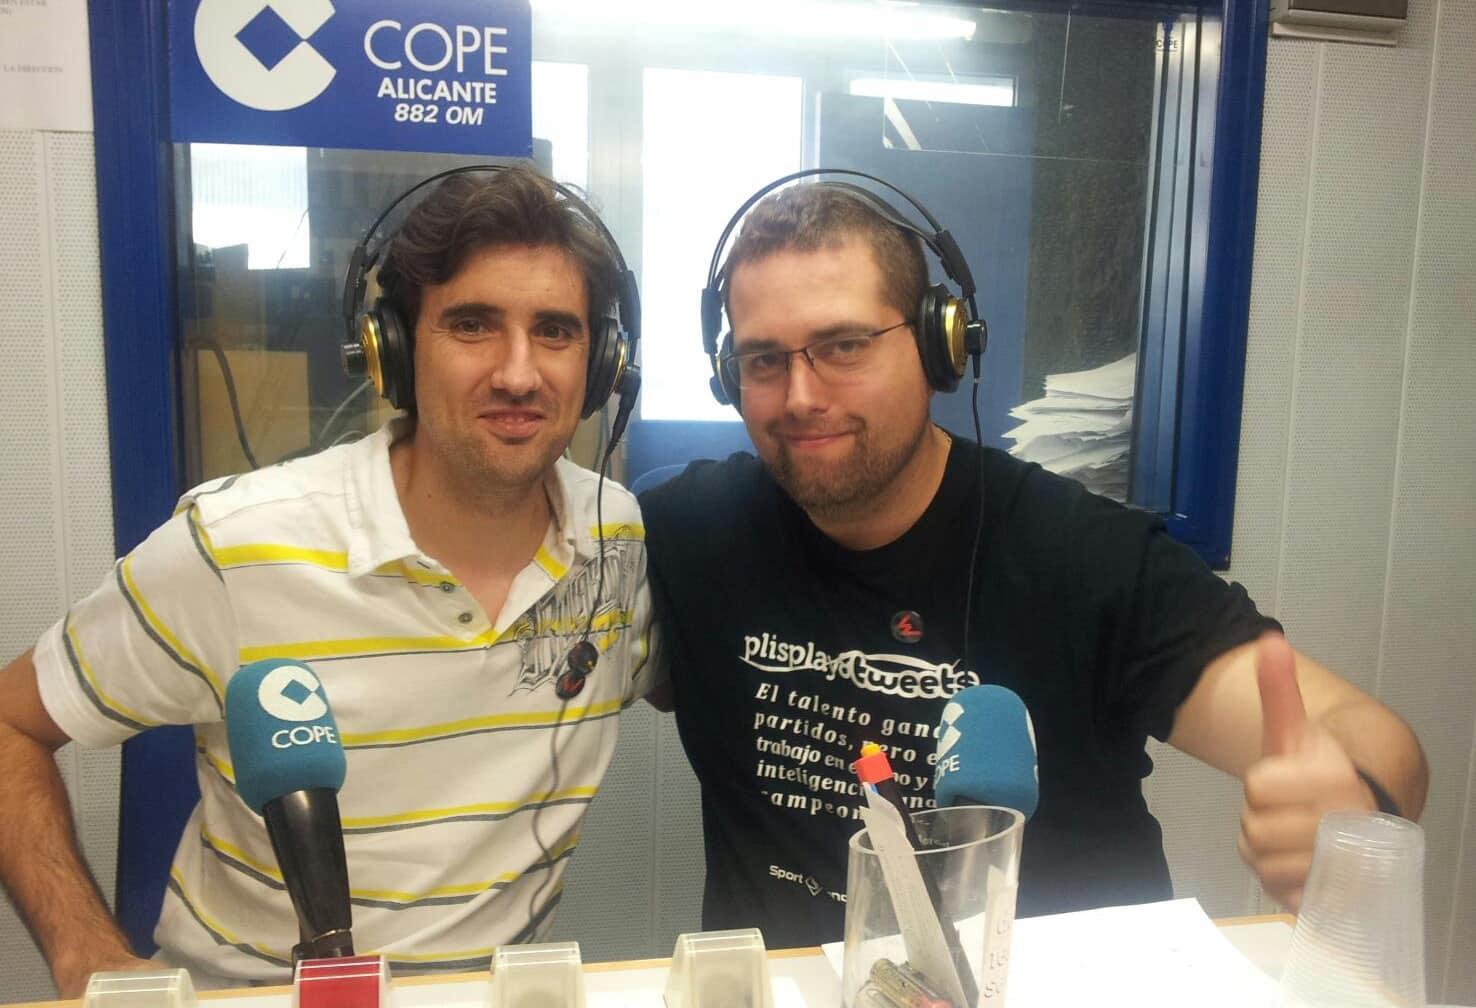 A tu disposición el último podcast en Cope Alicante: Cesar Mariel organizador de iWeekend Alicante nos presenta el evento.